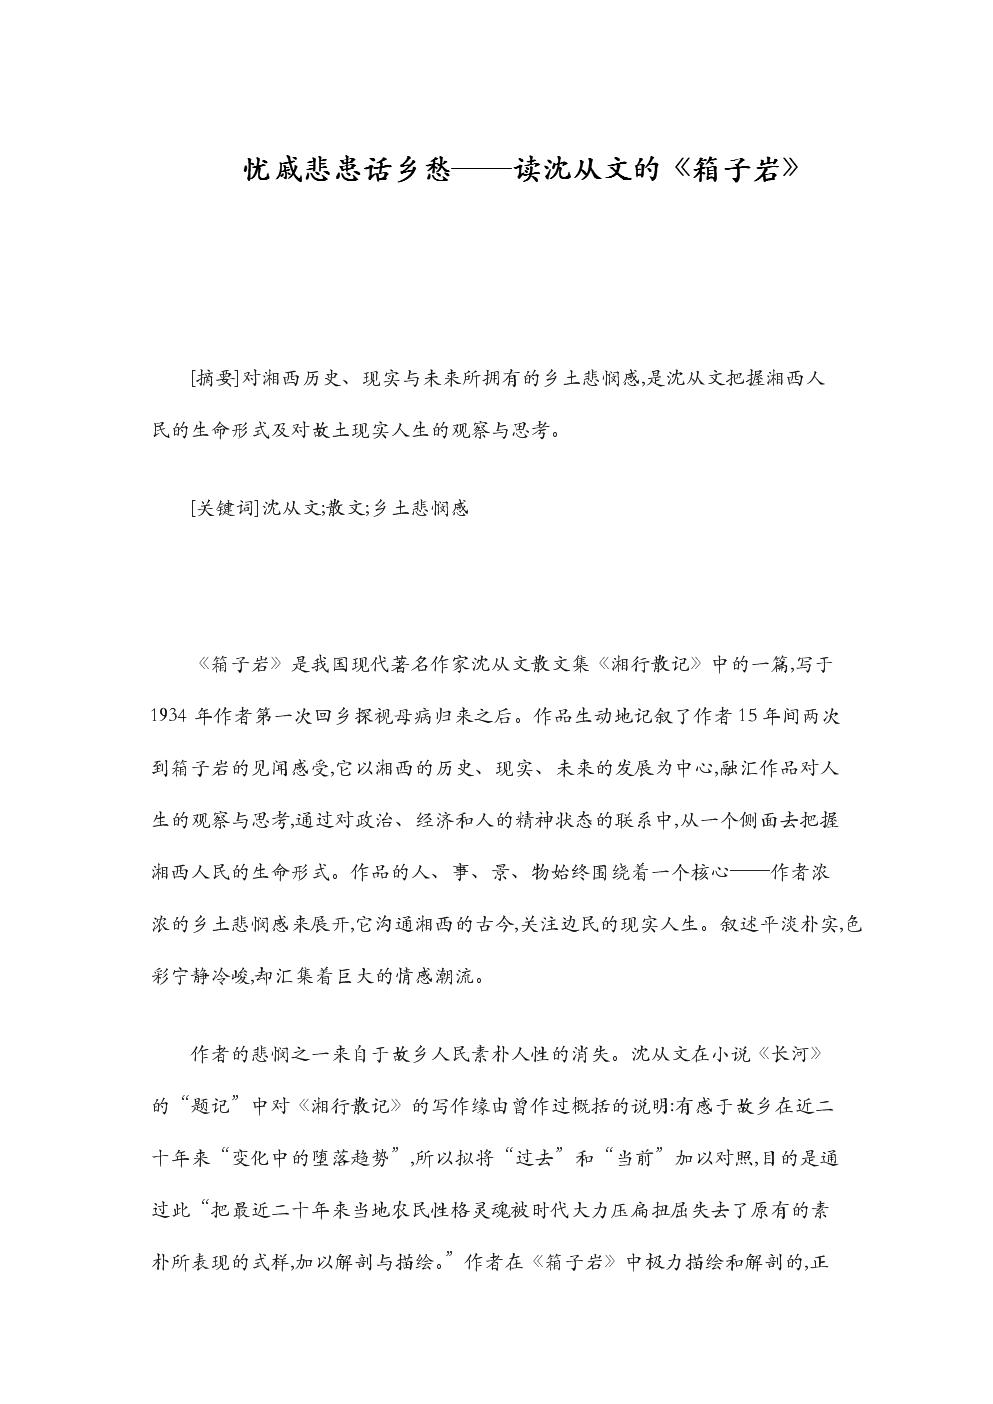 【文學論文】憂戚悲患話鄉愁——讀沈從文之《箱子巖》.doc